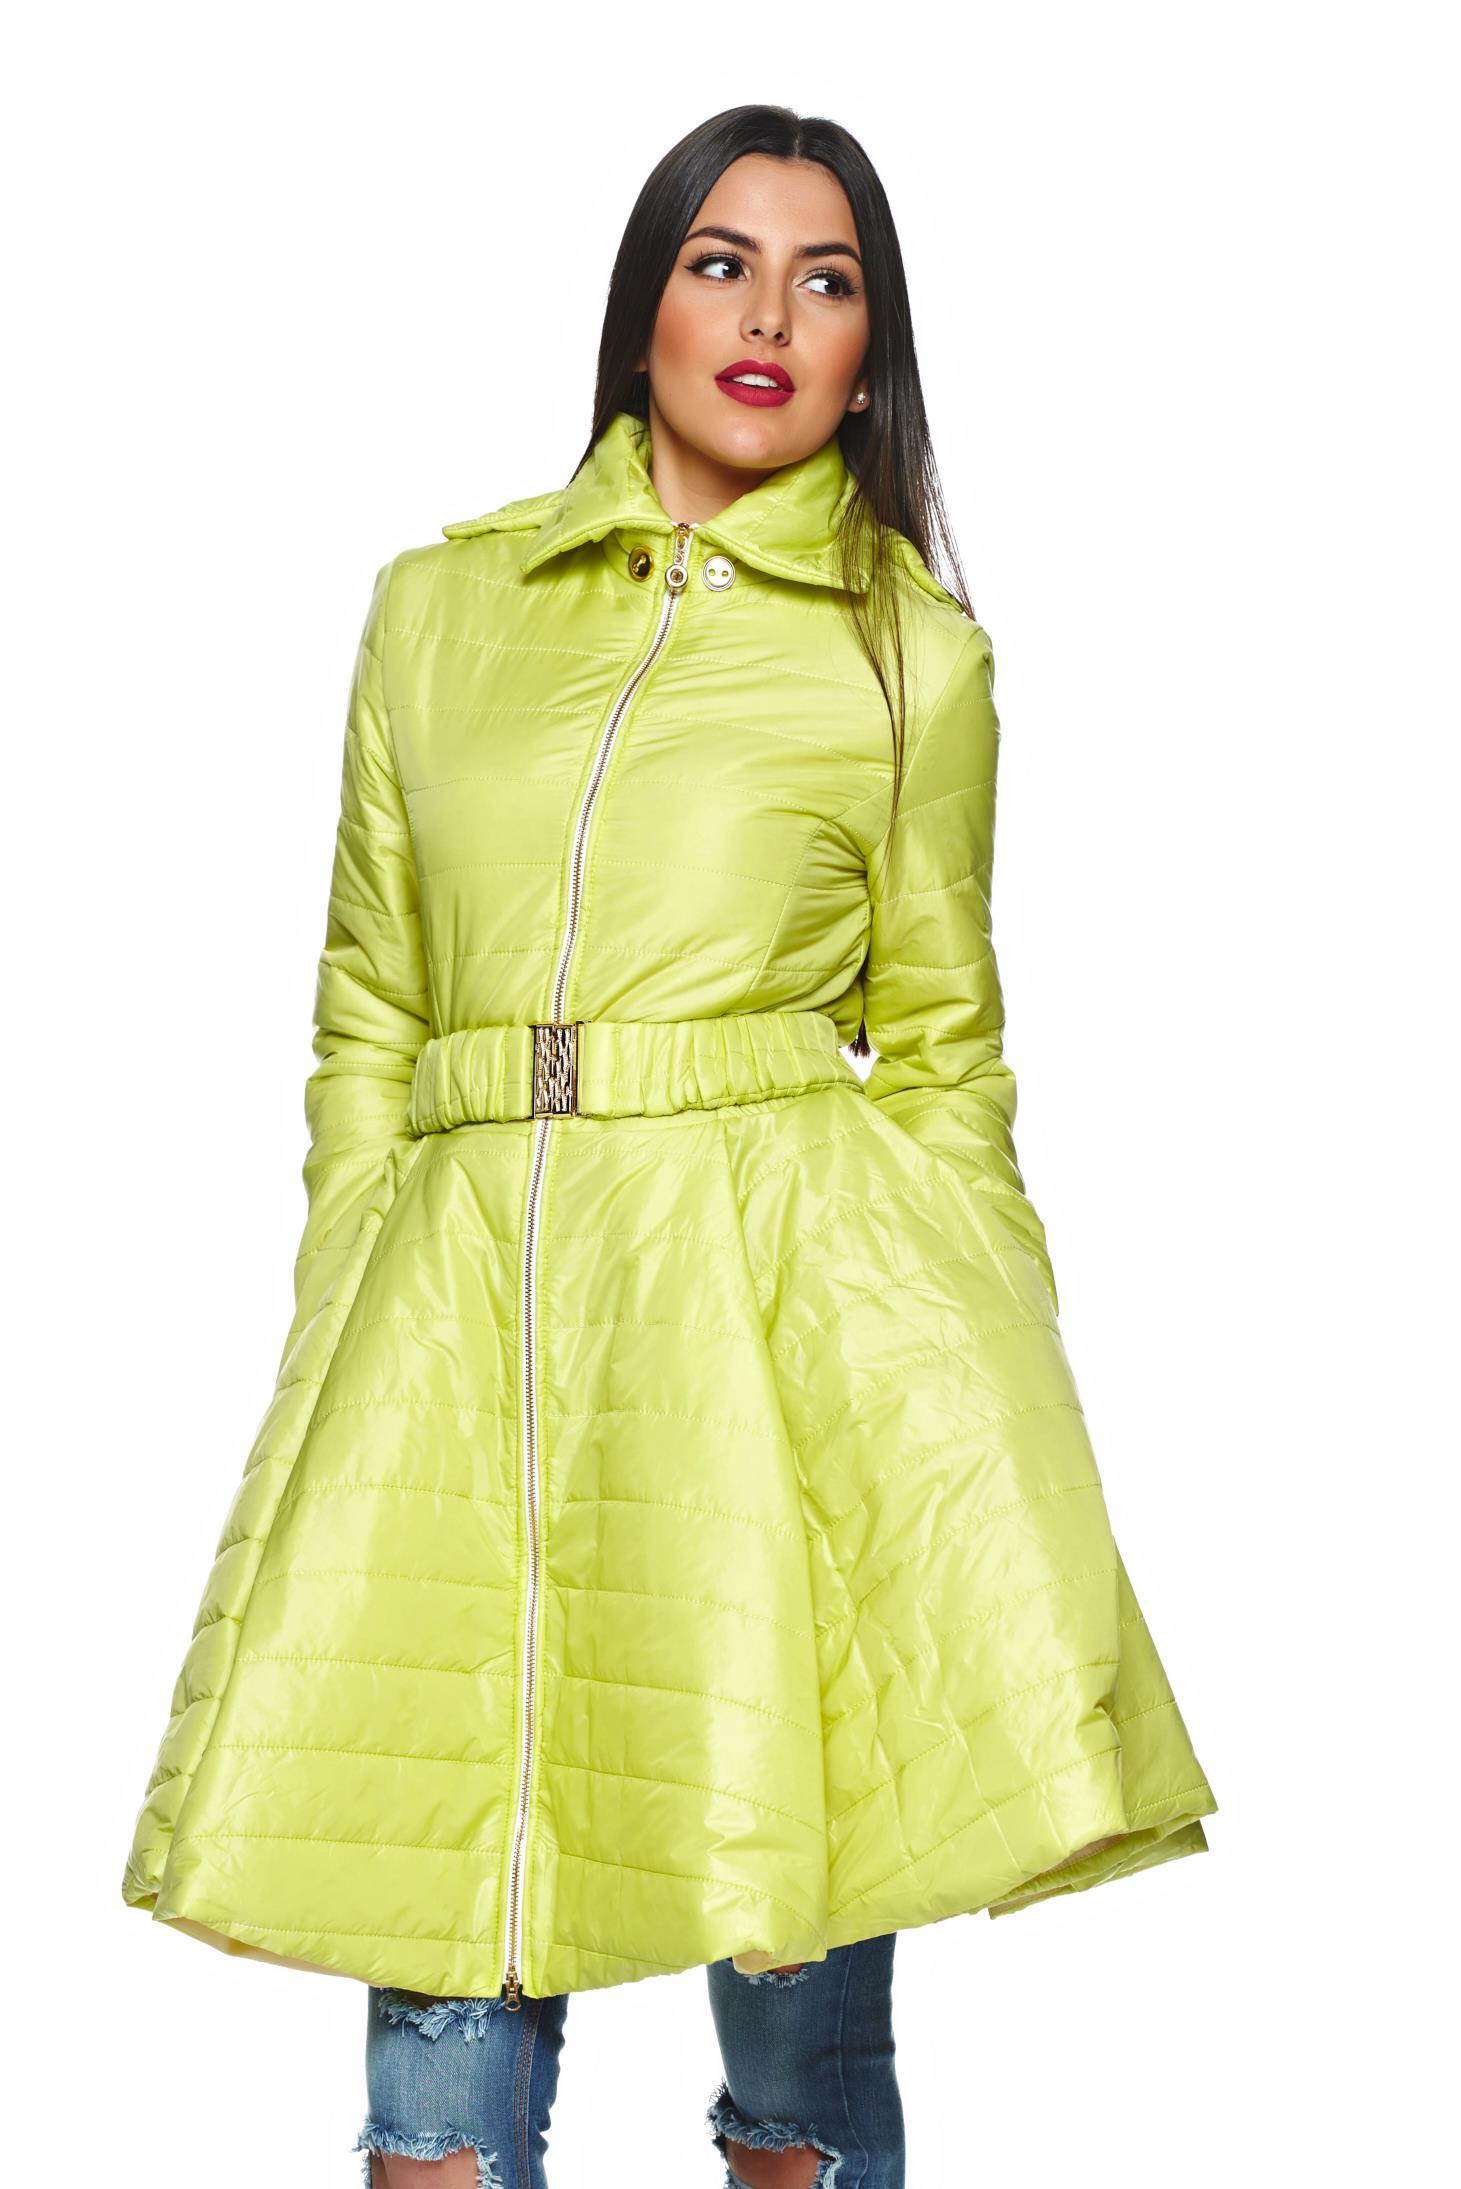 Cum asortam culoarea anului 2017 in fashion